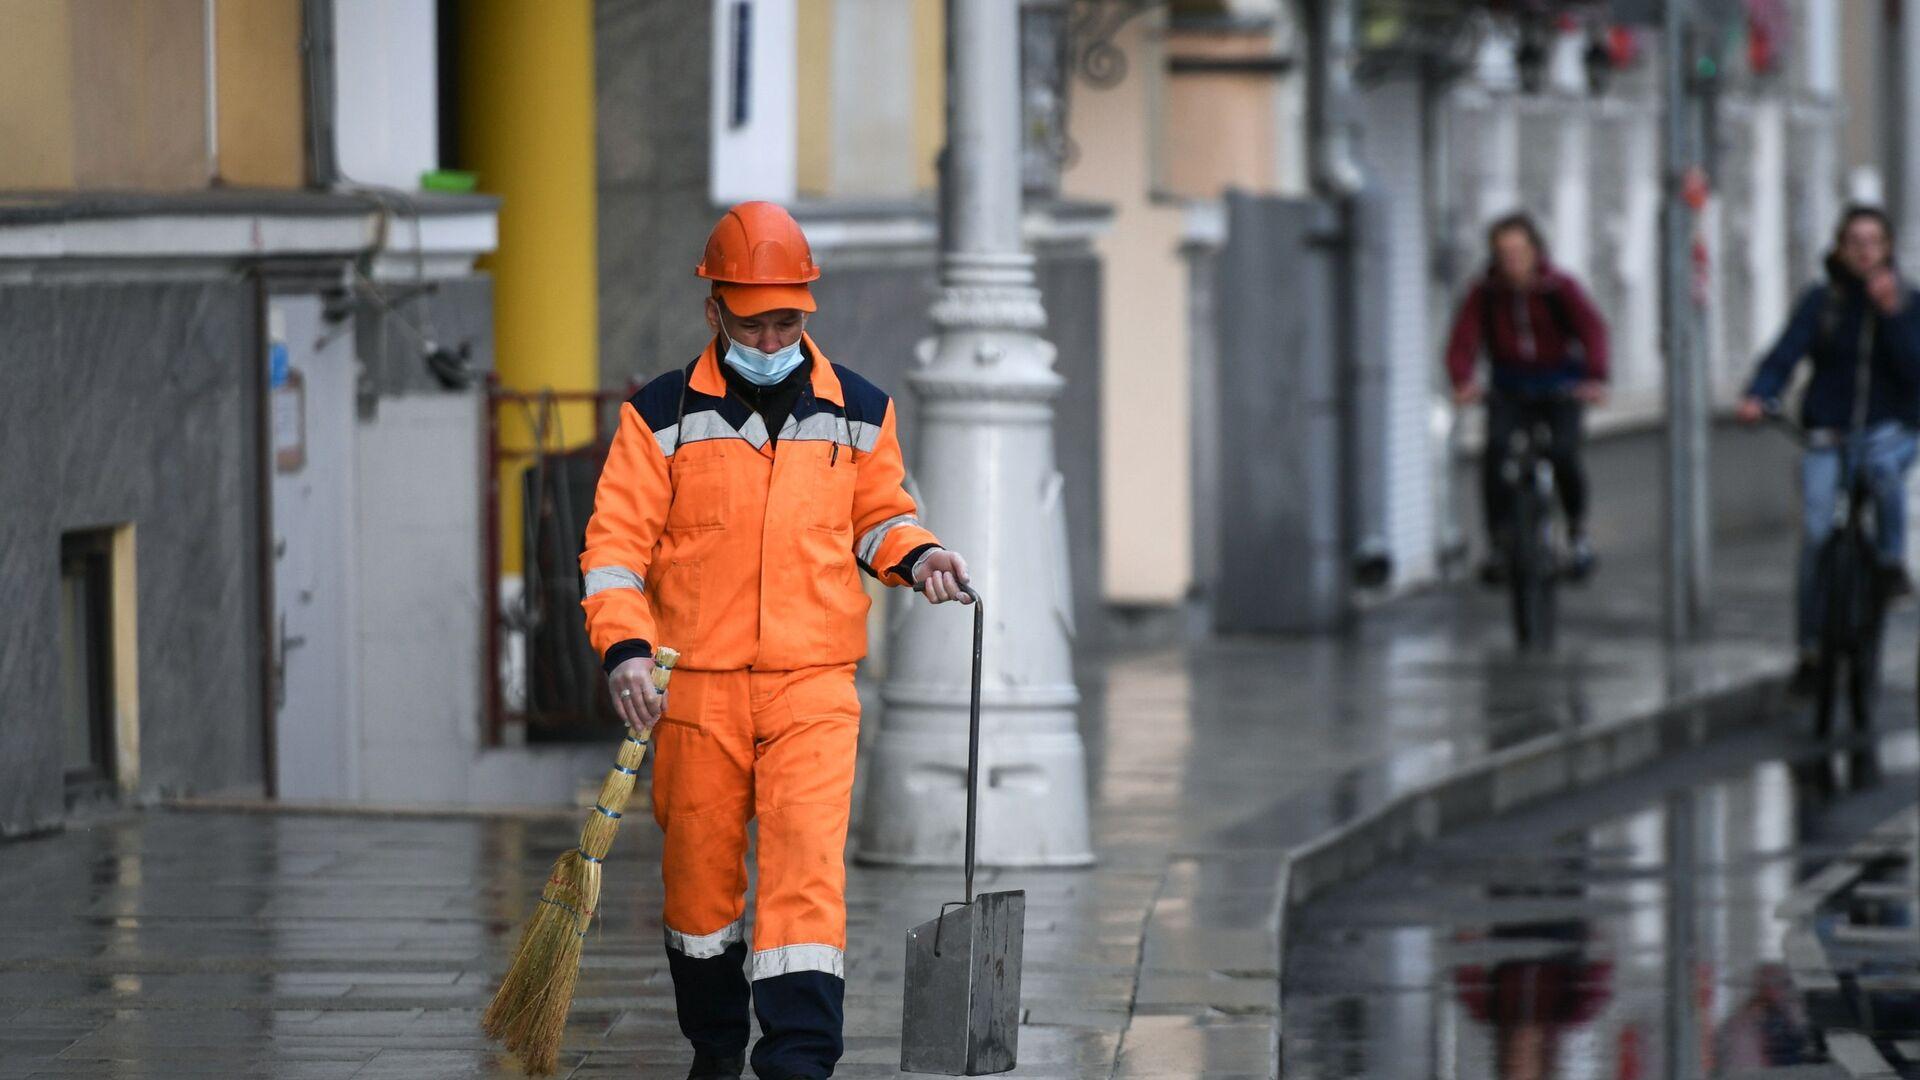 Сотрудник коммунальной службы убирает улицу в Москве, архивное фото - Sputnik Таджикистан, 1920, 23.08.2021